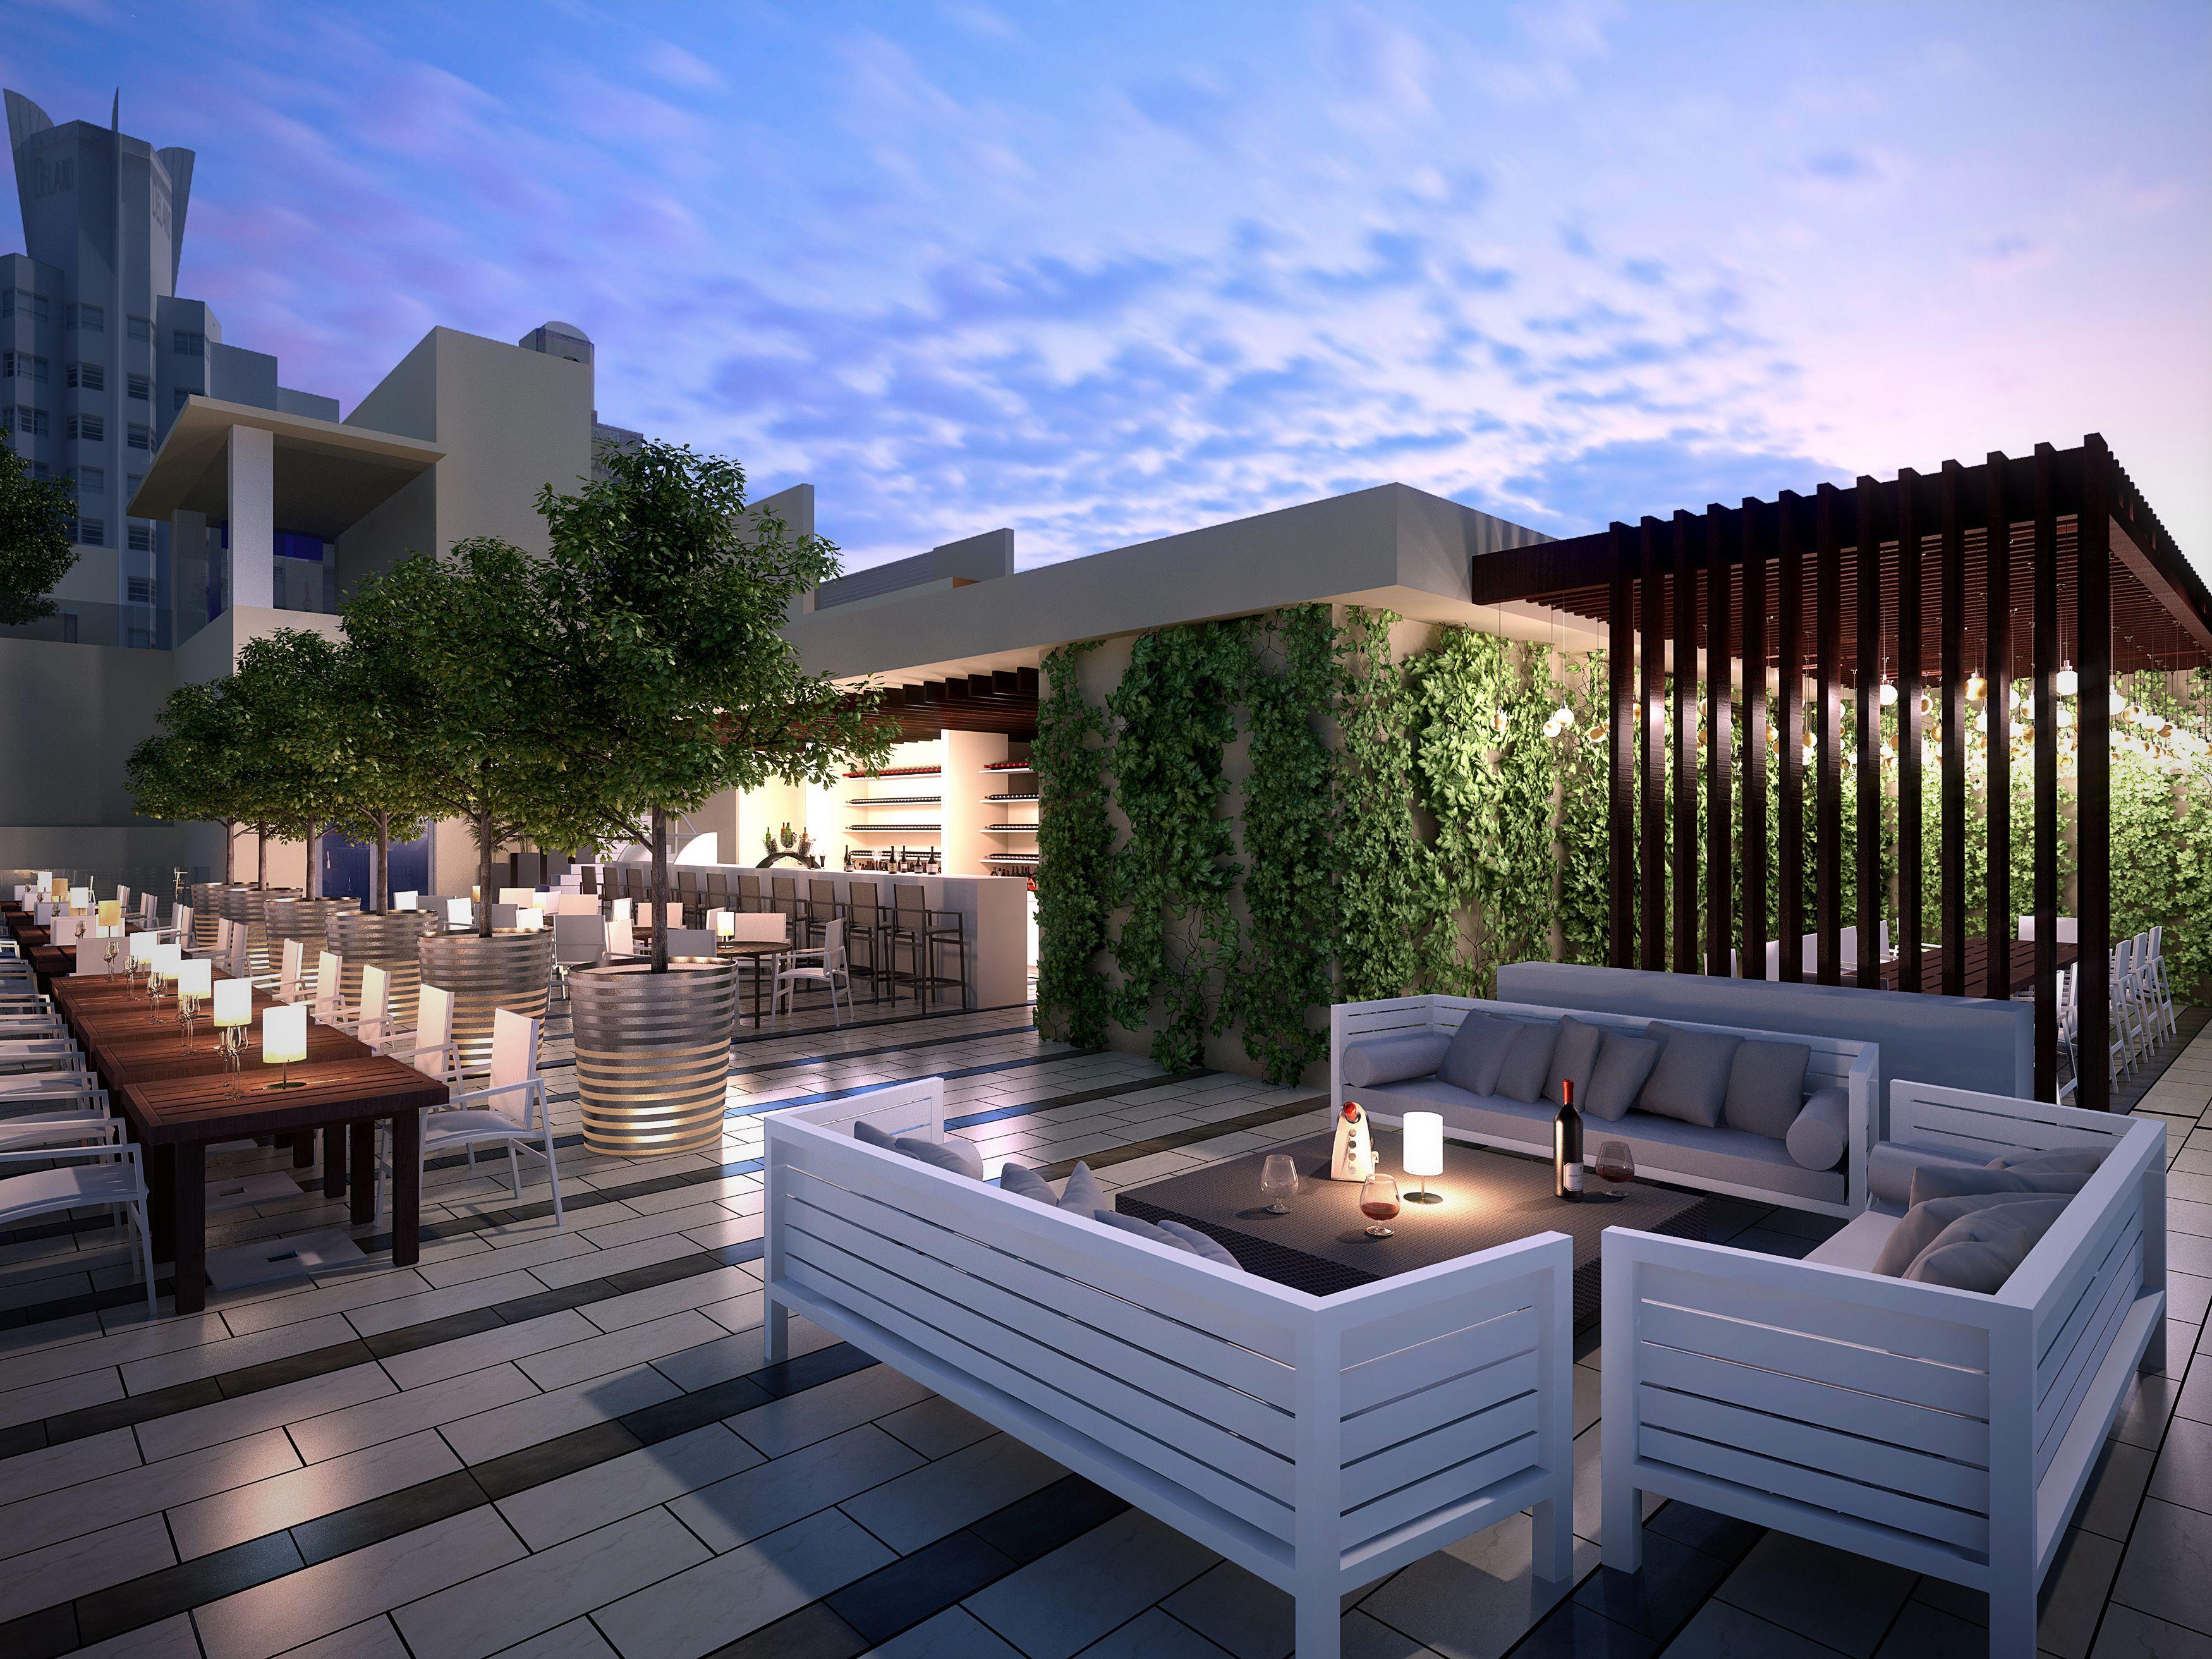 Sofa chilout terraza bar restaurante terraza terrazas for Casa moderna restaurante salta